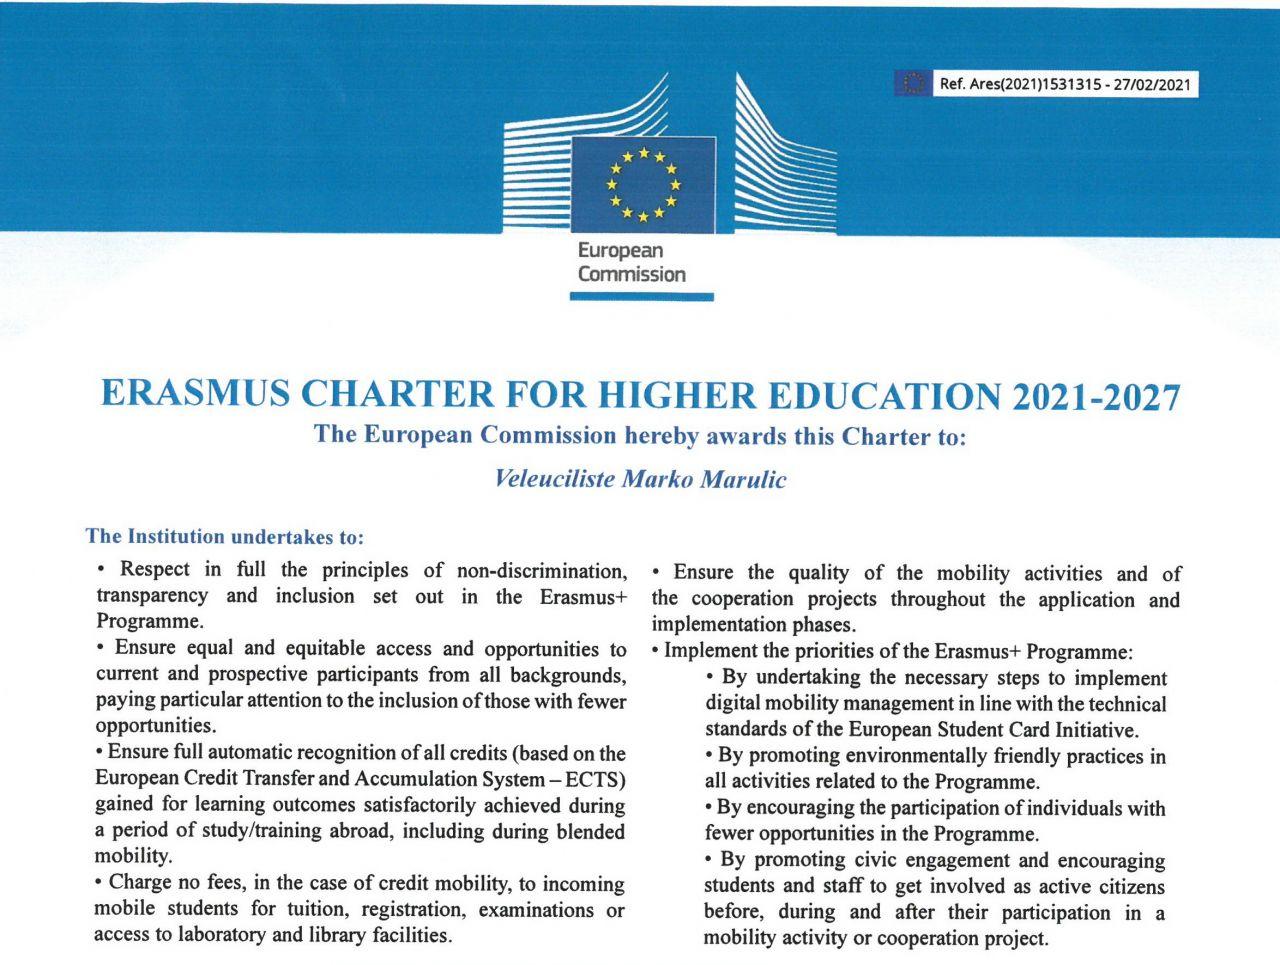 """Veleučilištu dodjeljena """"Erasmus Charter for Higher Education"""" povelja za novo programsko razdoblje 2021.-2027."""